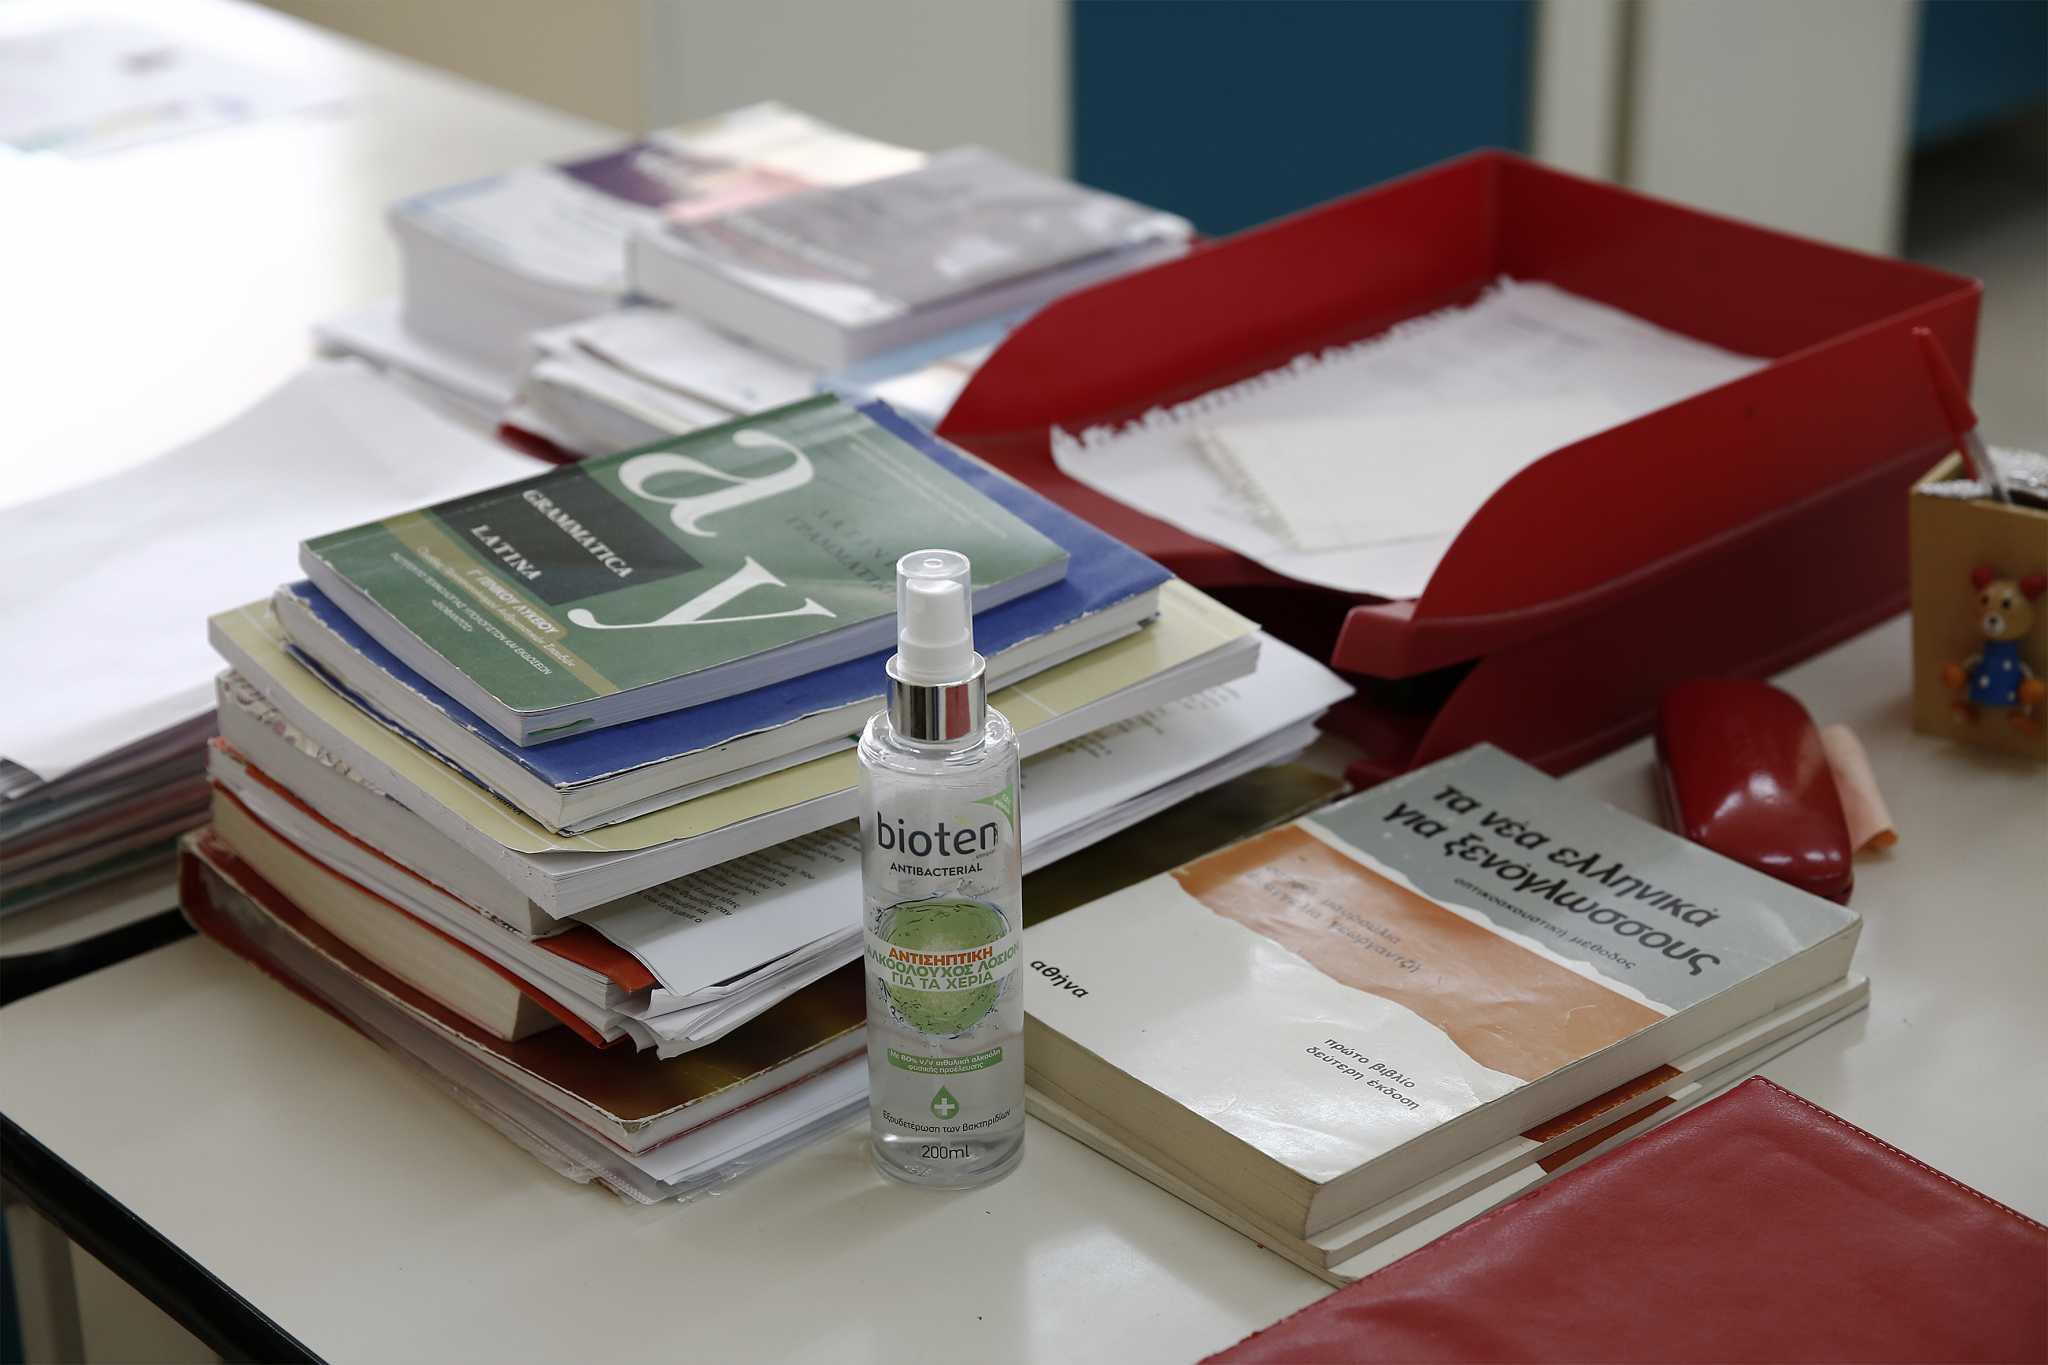 Ηράκλειο: Το τερμάτισε η καθηγήτρια «αρνήτρια» του κορονοϊού – Χαμός σε σχολείο και μήνυση στον διεθυντή